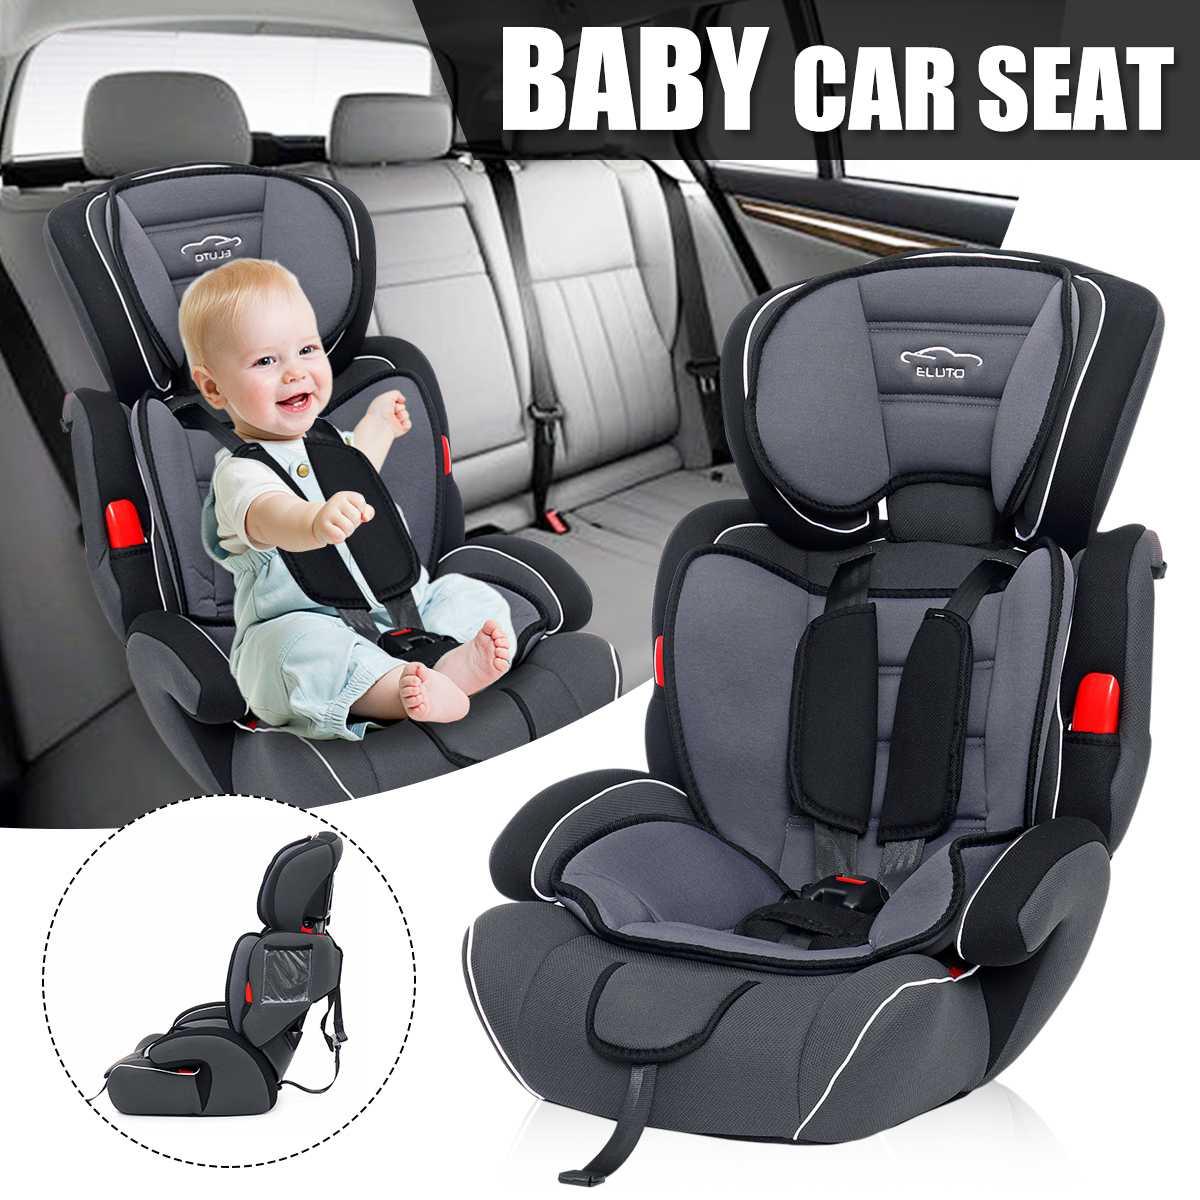 Enfants voiture sécurité bébé siège sièges de sécurité pour fauteuil 9-36 KG groupe 1/2/3 cinq points harnais bébé rehausseur sièges 9months-12years